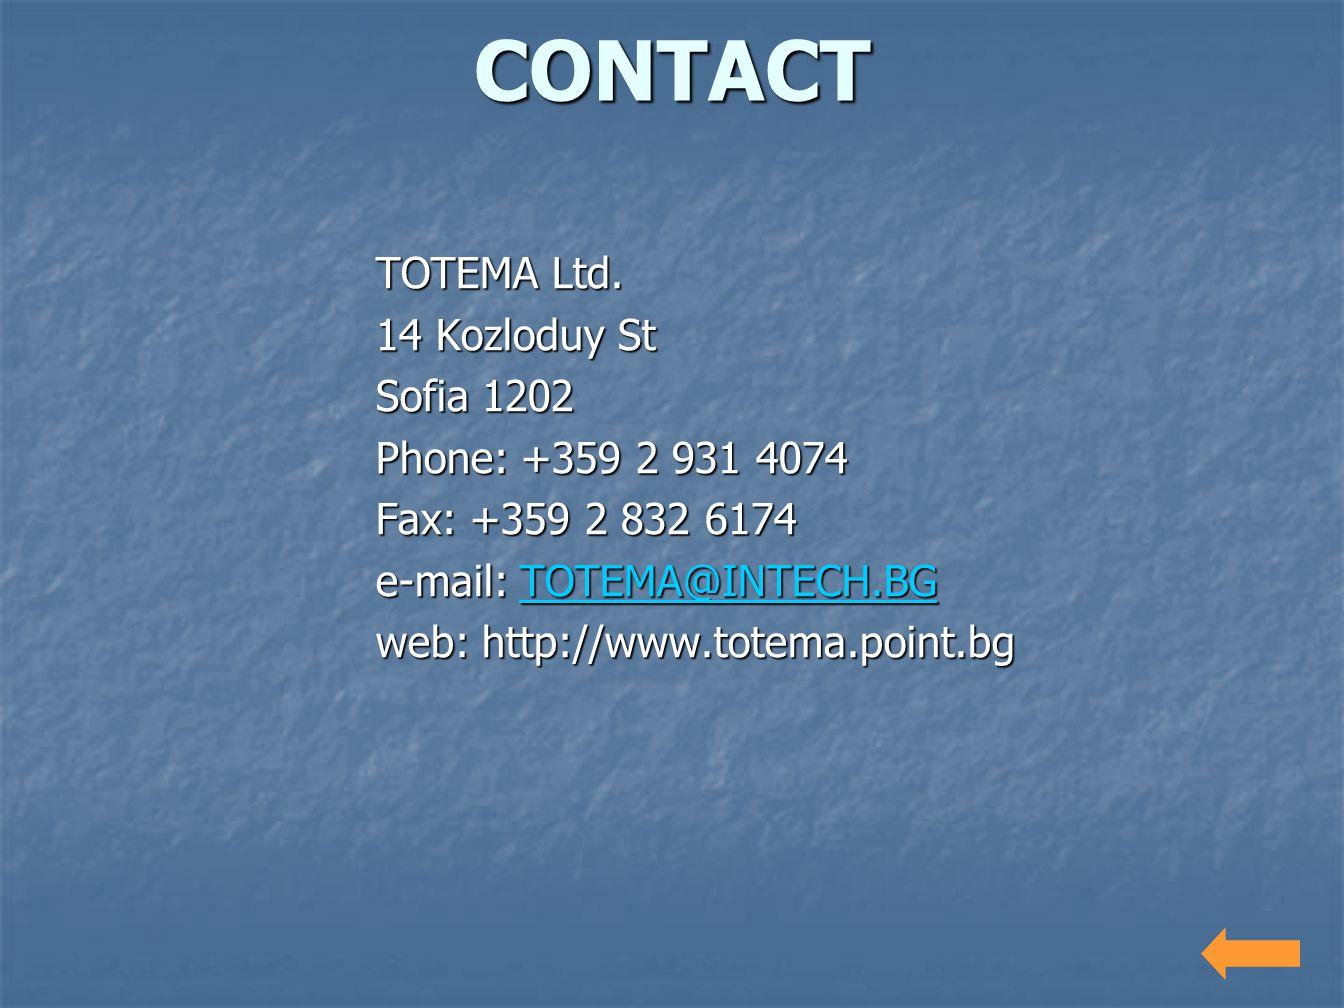 TOTEMA Ltd.